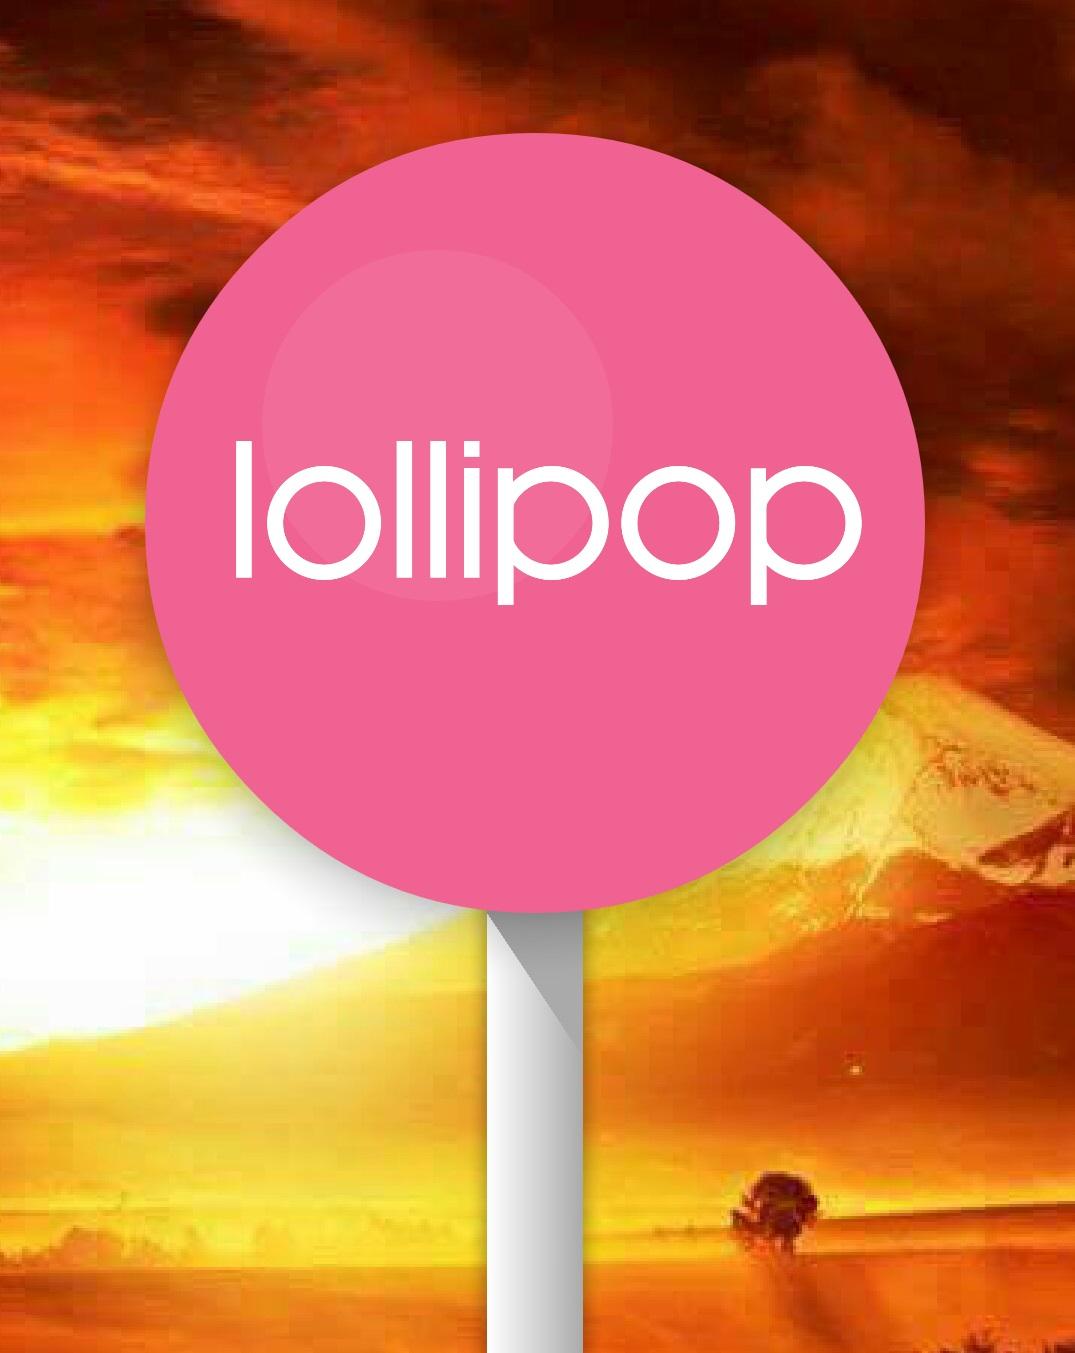 Androidイースターエッグlollipopのスクリーンショット:飴が大きくなった様子